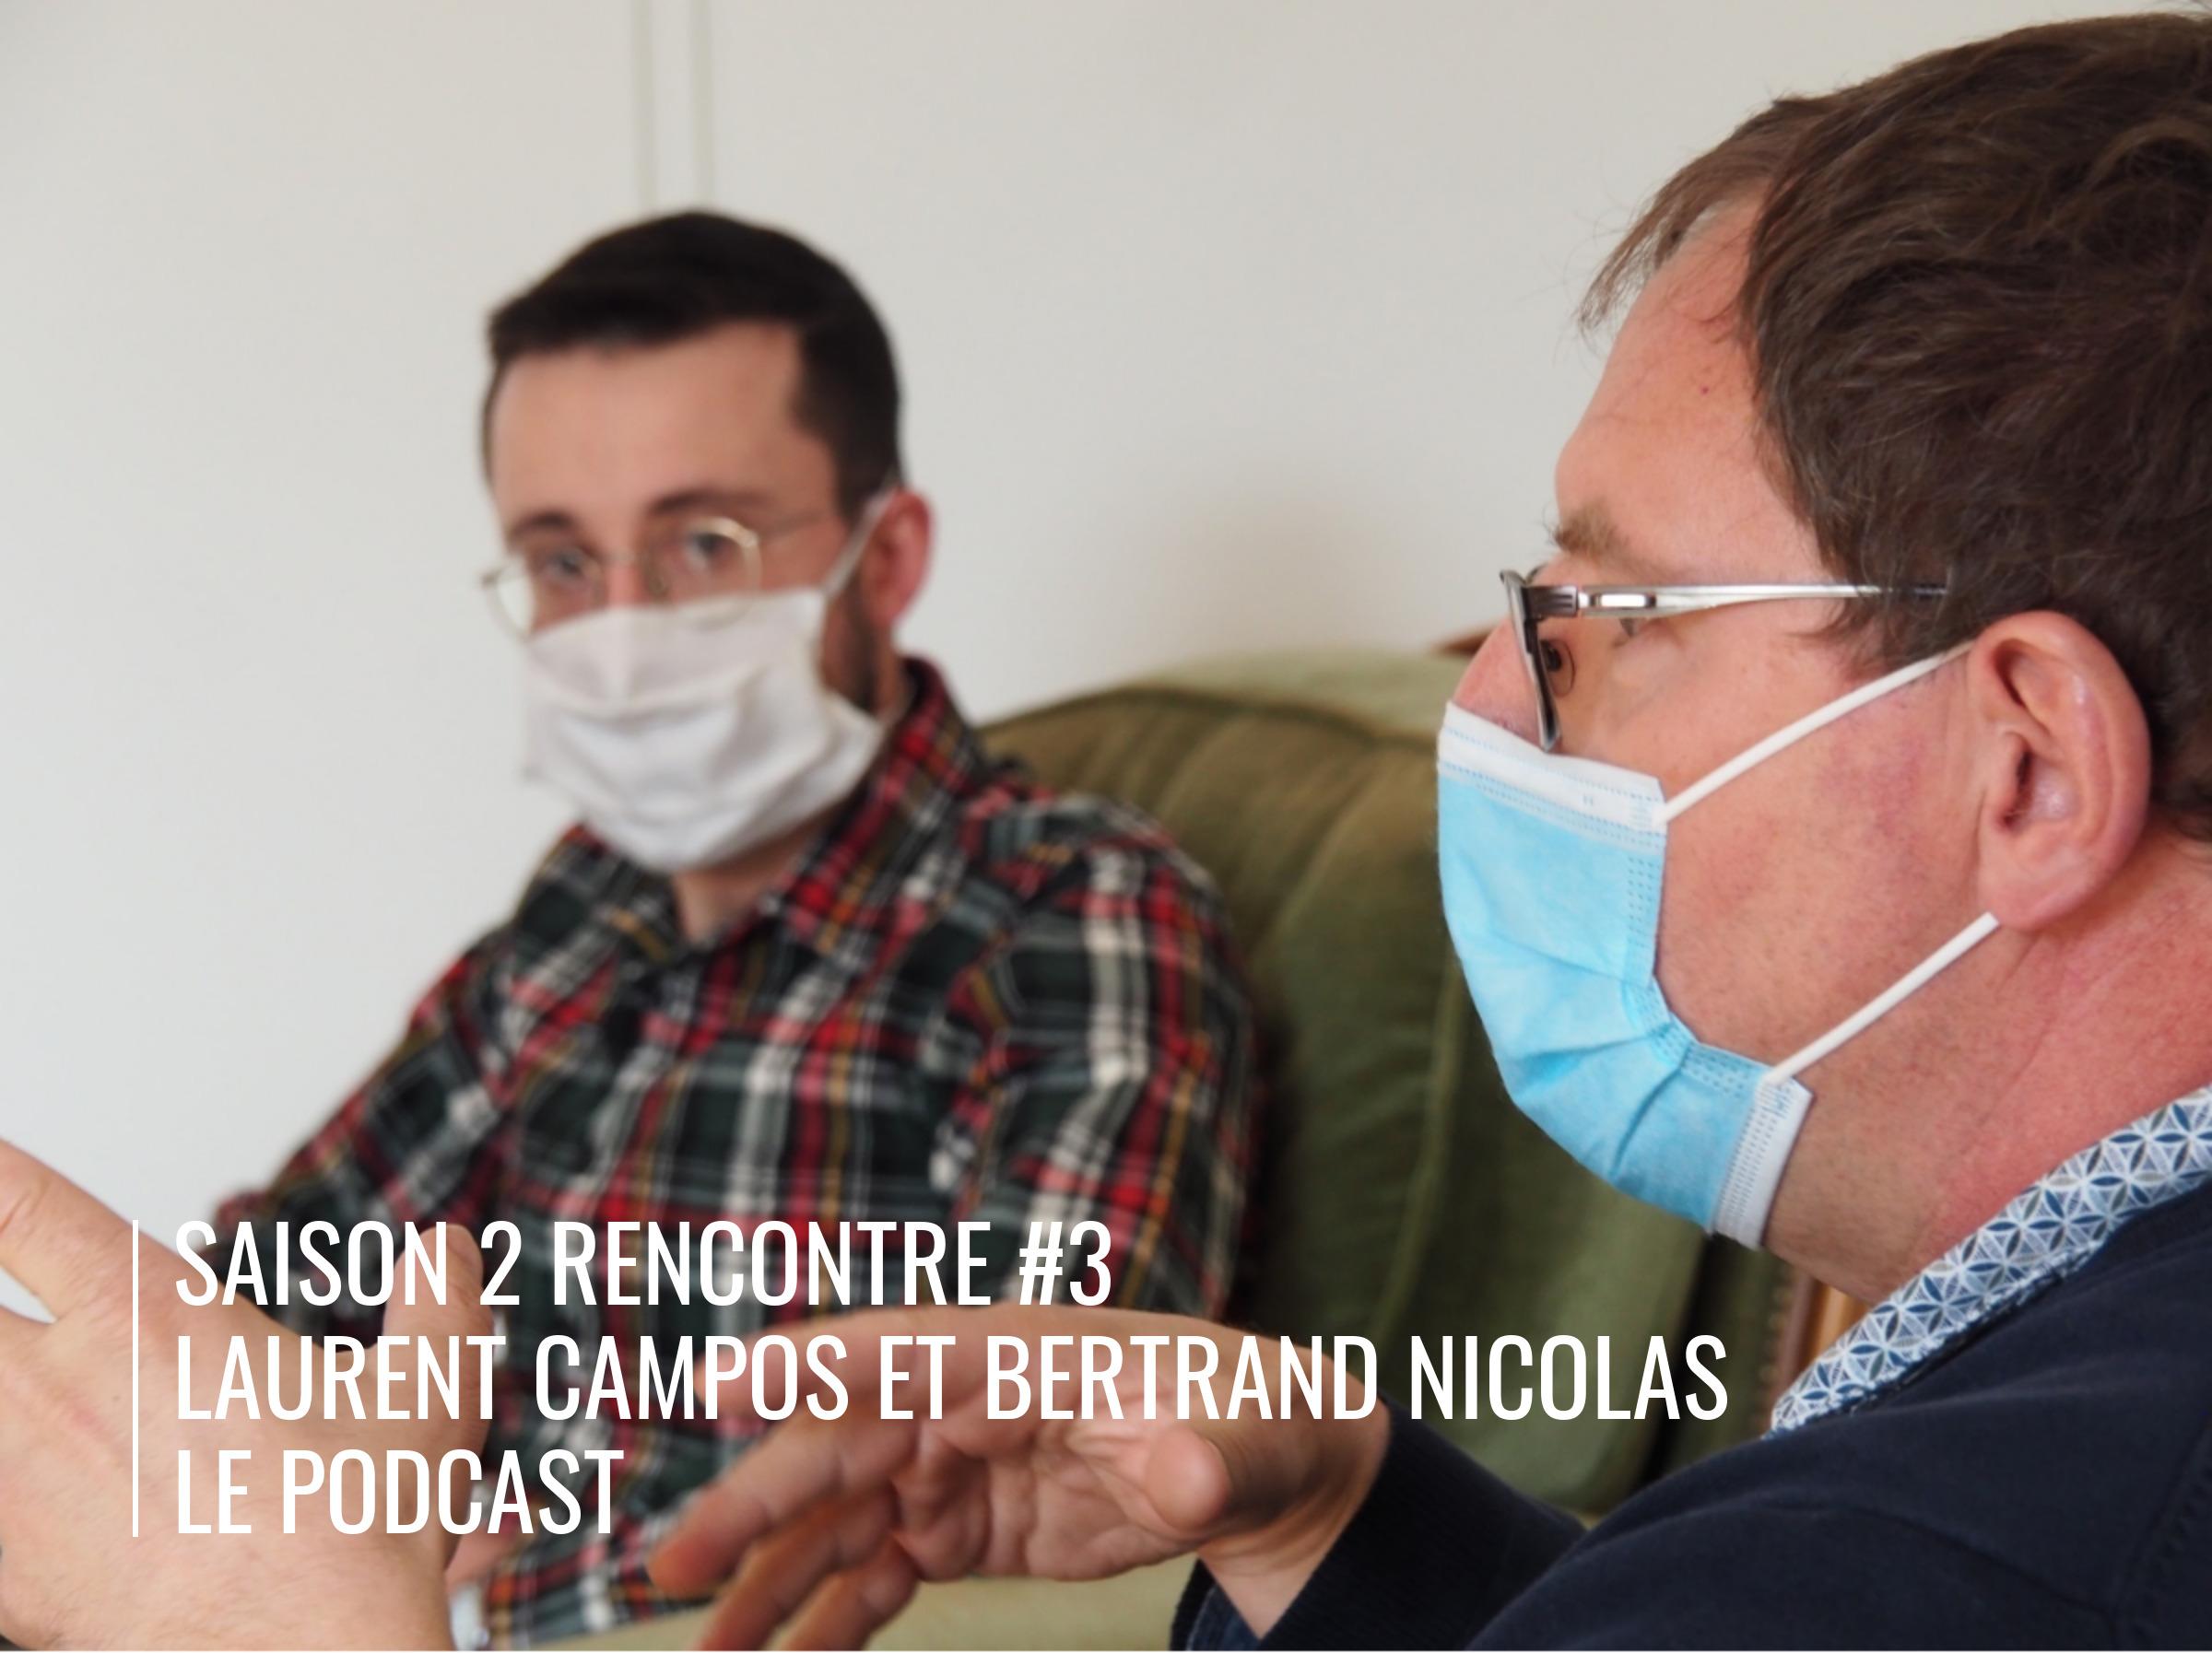 Rencontre de la résilience saison 2 épisode #3 : Laurent Campos et Bertrand Nicolas